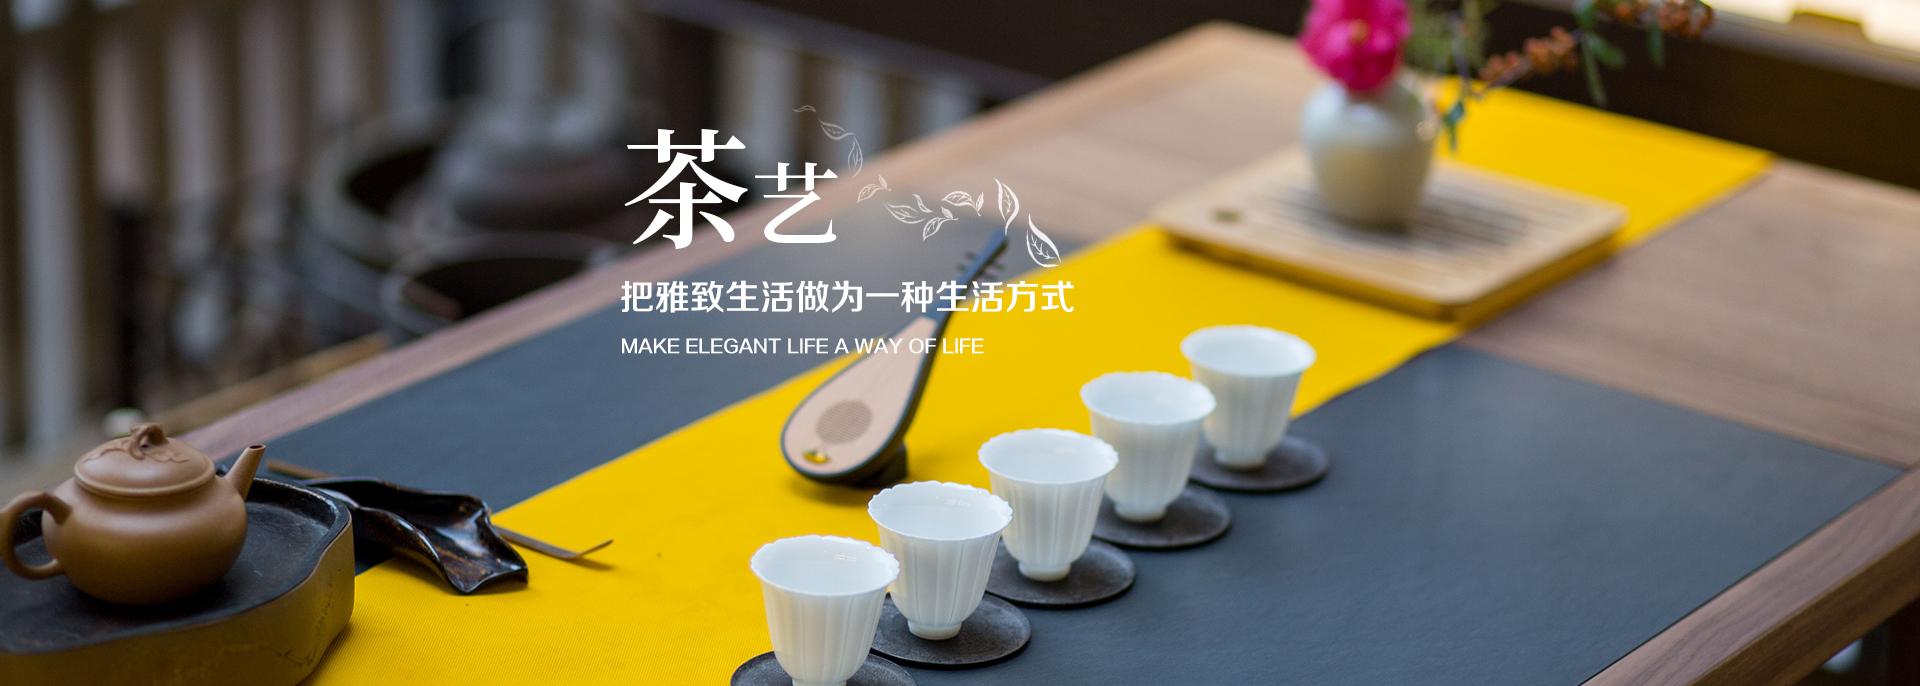 哈尔滨茶艺学校